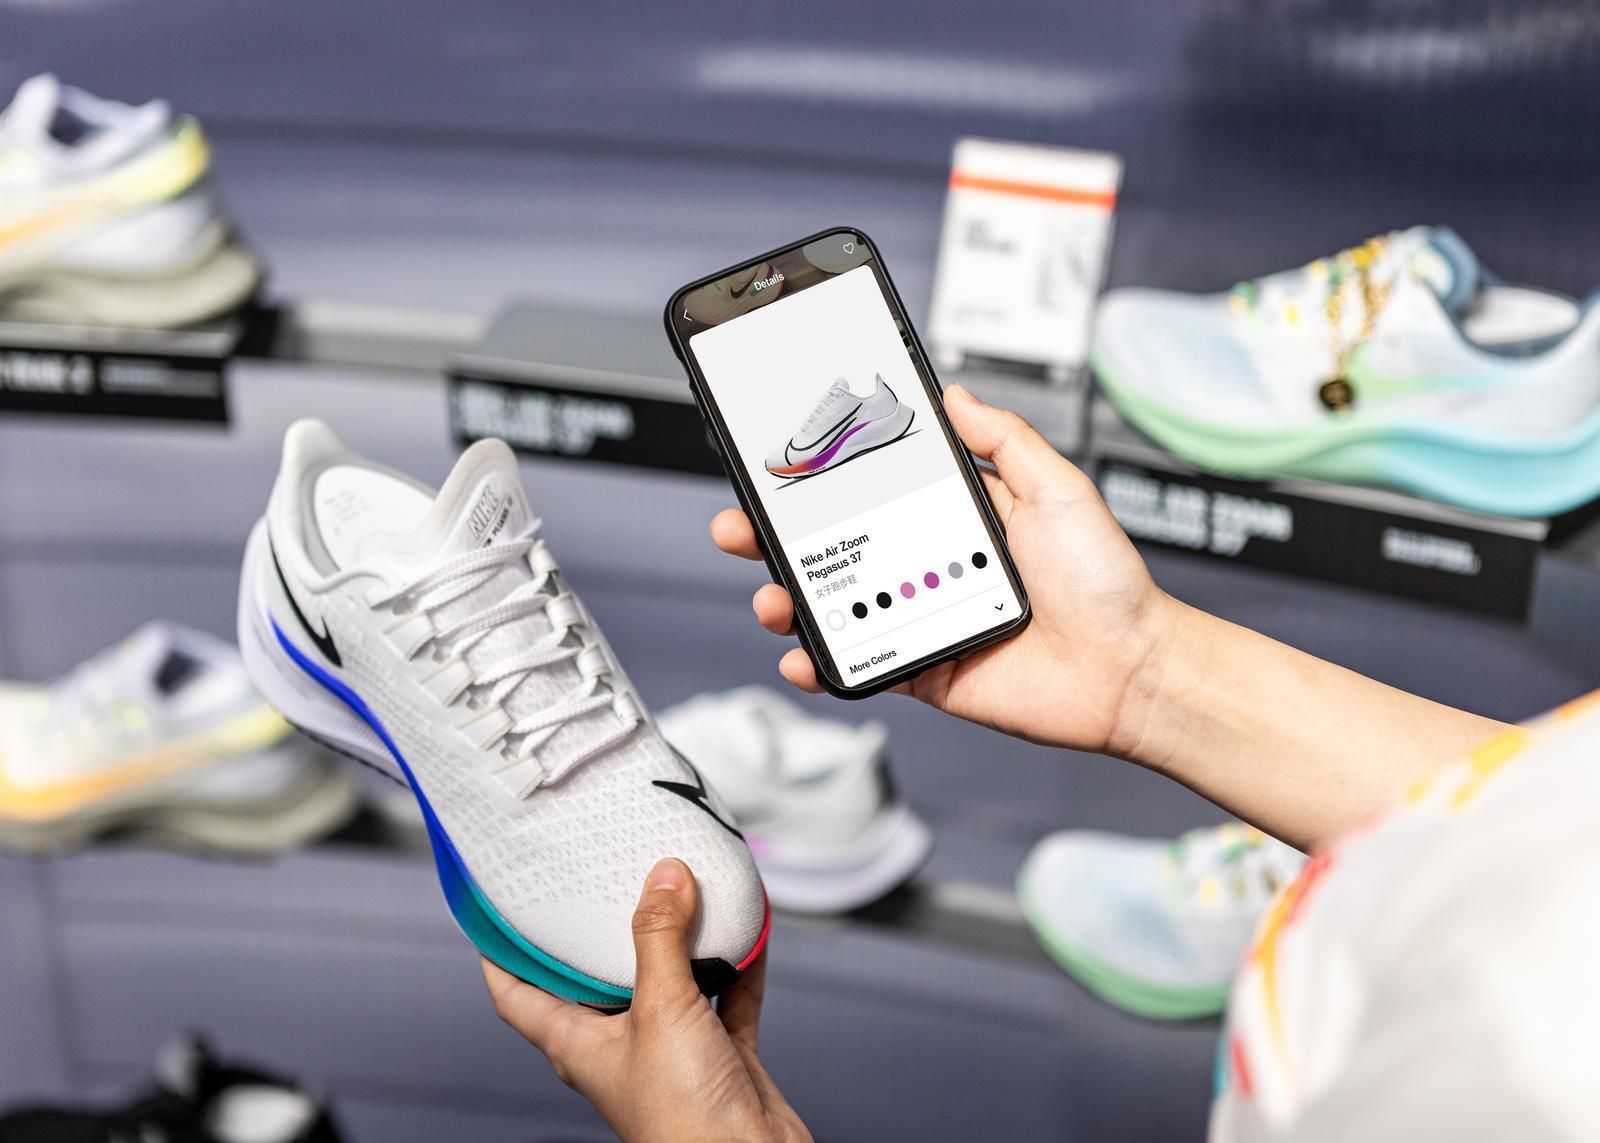 """Nike: Chiến thuật xây dựng thương hiệu """"chiếc gương lệch"""" marketingreview.vn"""